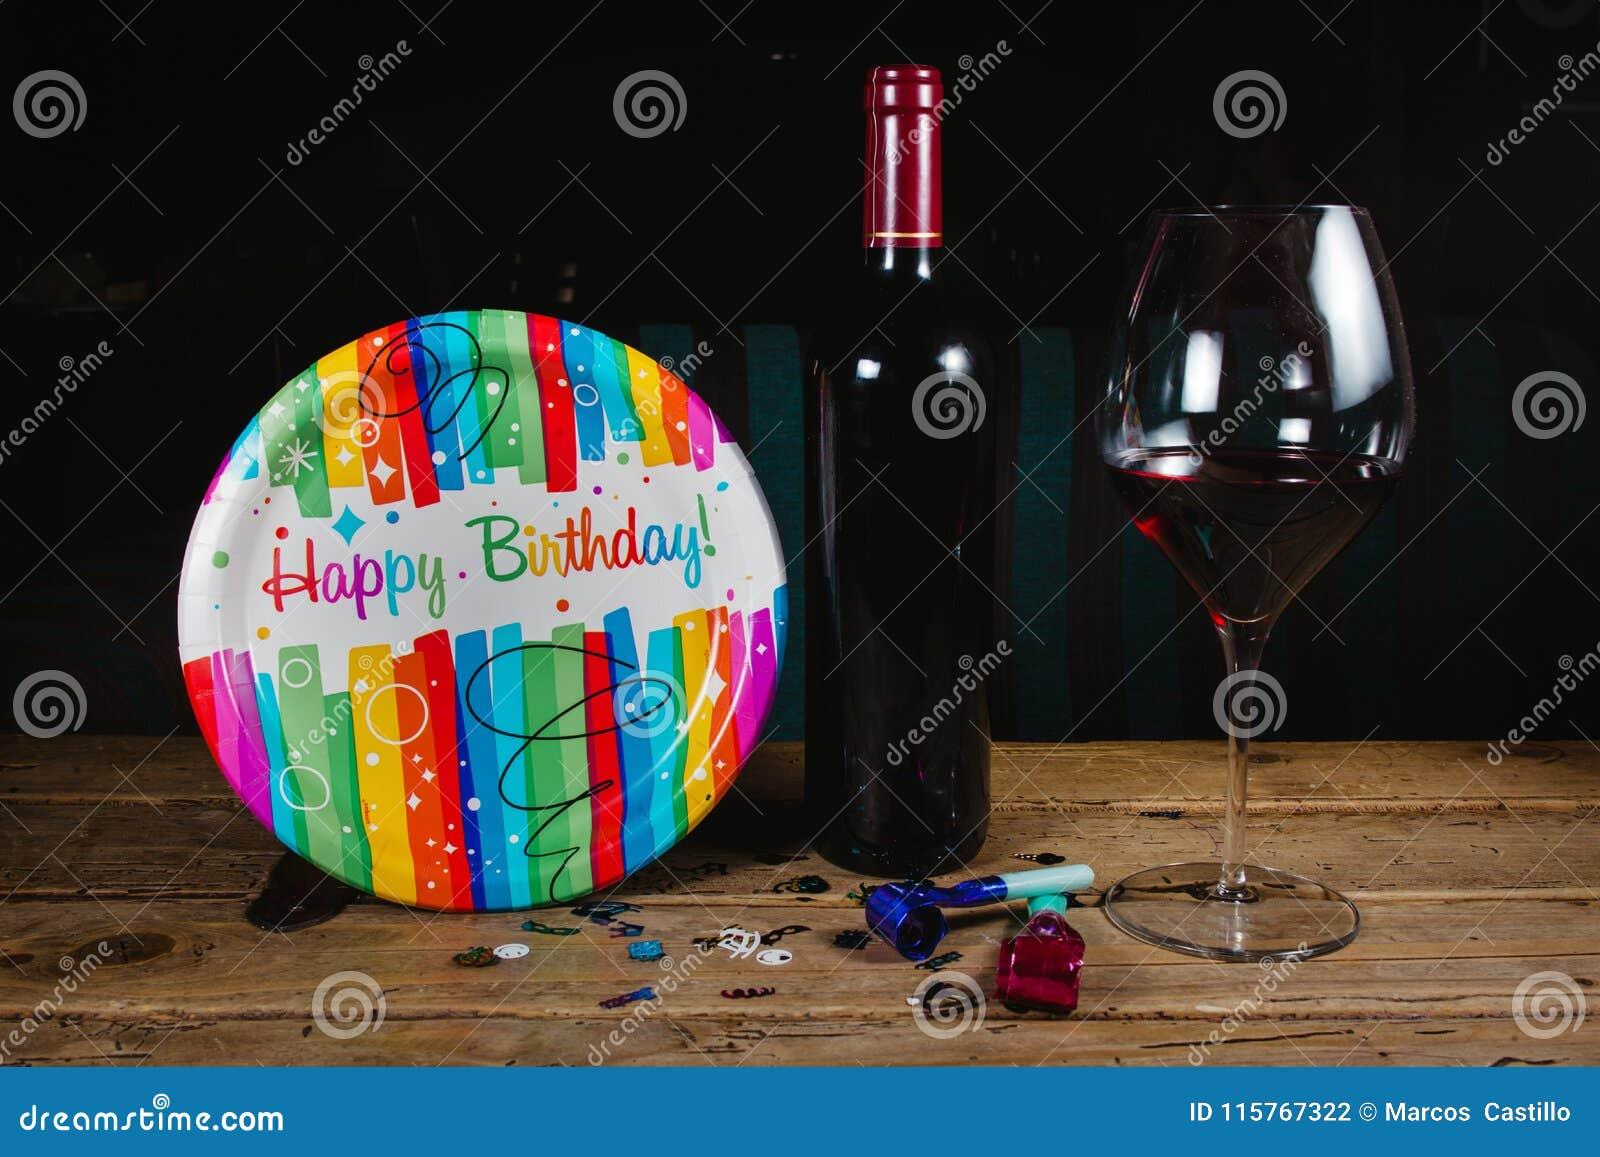 Alles Gute Zum Geburtstag Mit Wein Und Glas Parteifeier Stockfoto